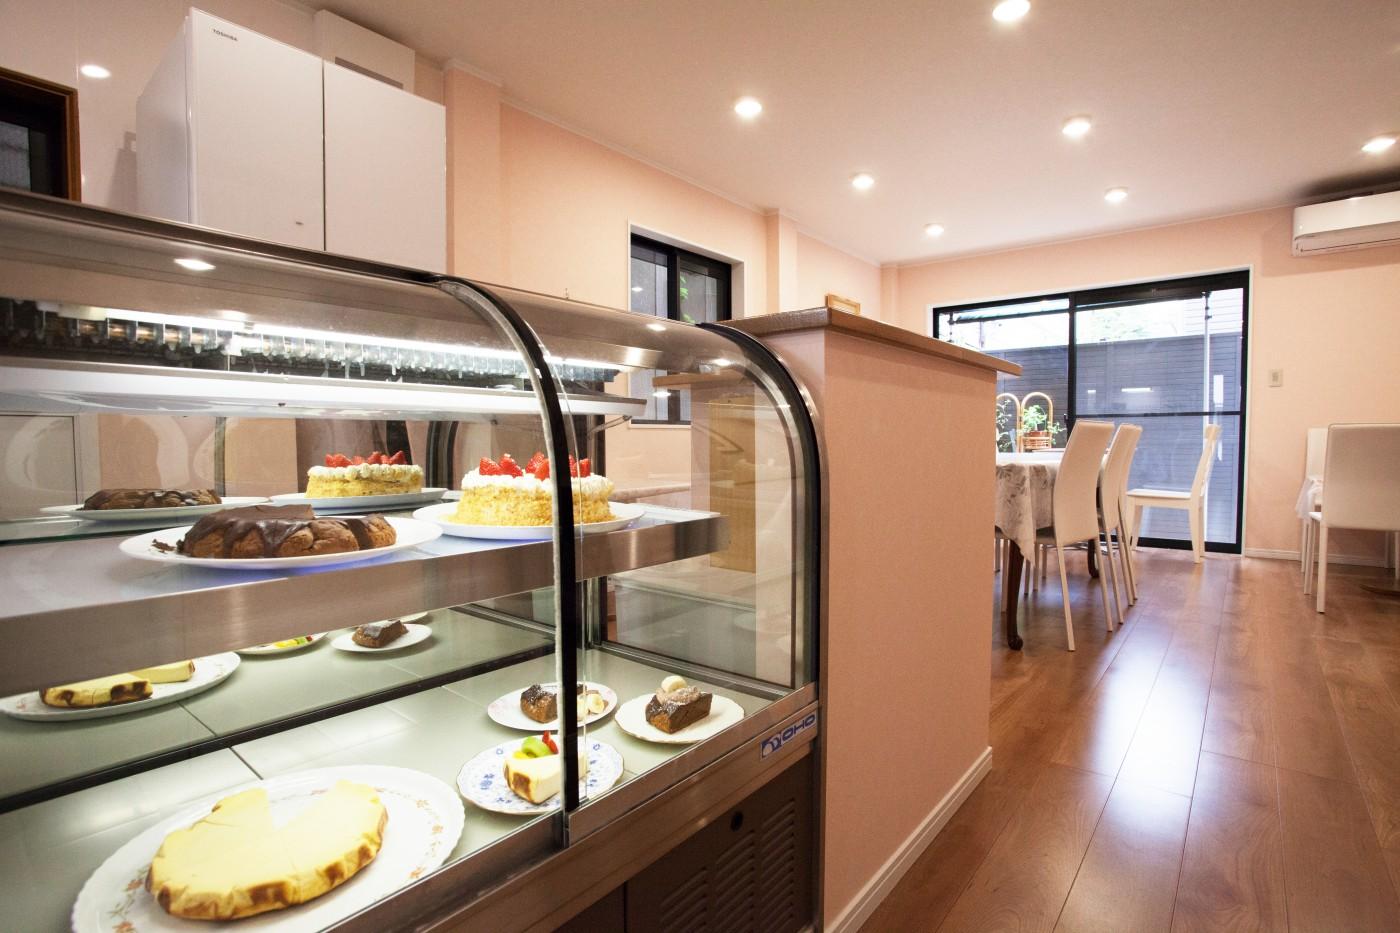 自宅の一階をカフェに一新。オーナー様らしい優しい雰囲気に。